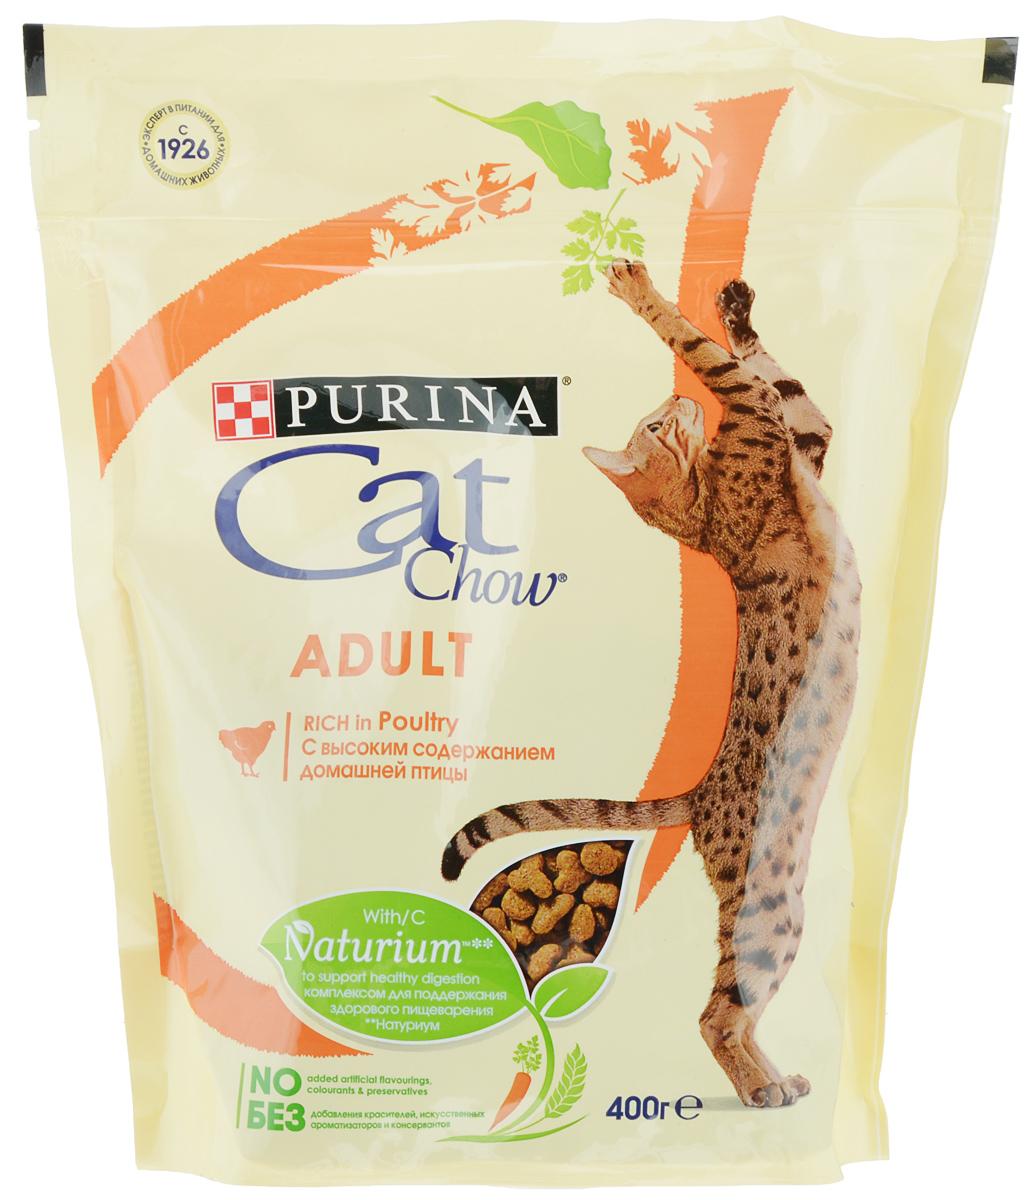 Корм сухой Cat Chow, для взрослых кошек, с домашней птицей, 400 г12292072Сухой корм Cat Chow - это особое сочетание волокон природного происхождения. Он включает источник натурального пребиотика, который улучшает баланс микрофлоры кишечника и поддерживает здоровье пищеварительной системы кошки. Это позволяет ей питаться с большей пользой. В состав корма входит витамин E для поддержания естественной защиты организма кошки и витаминами группы B, чтобы помочь вашей кошке оптимально использовать энергию. Корм тщательно разработан: без добавления искусственных консервантов и ароматизаторов, без добавления красителей Товар сертифицирован.